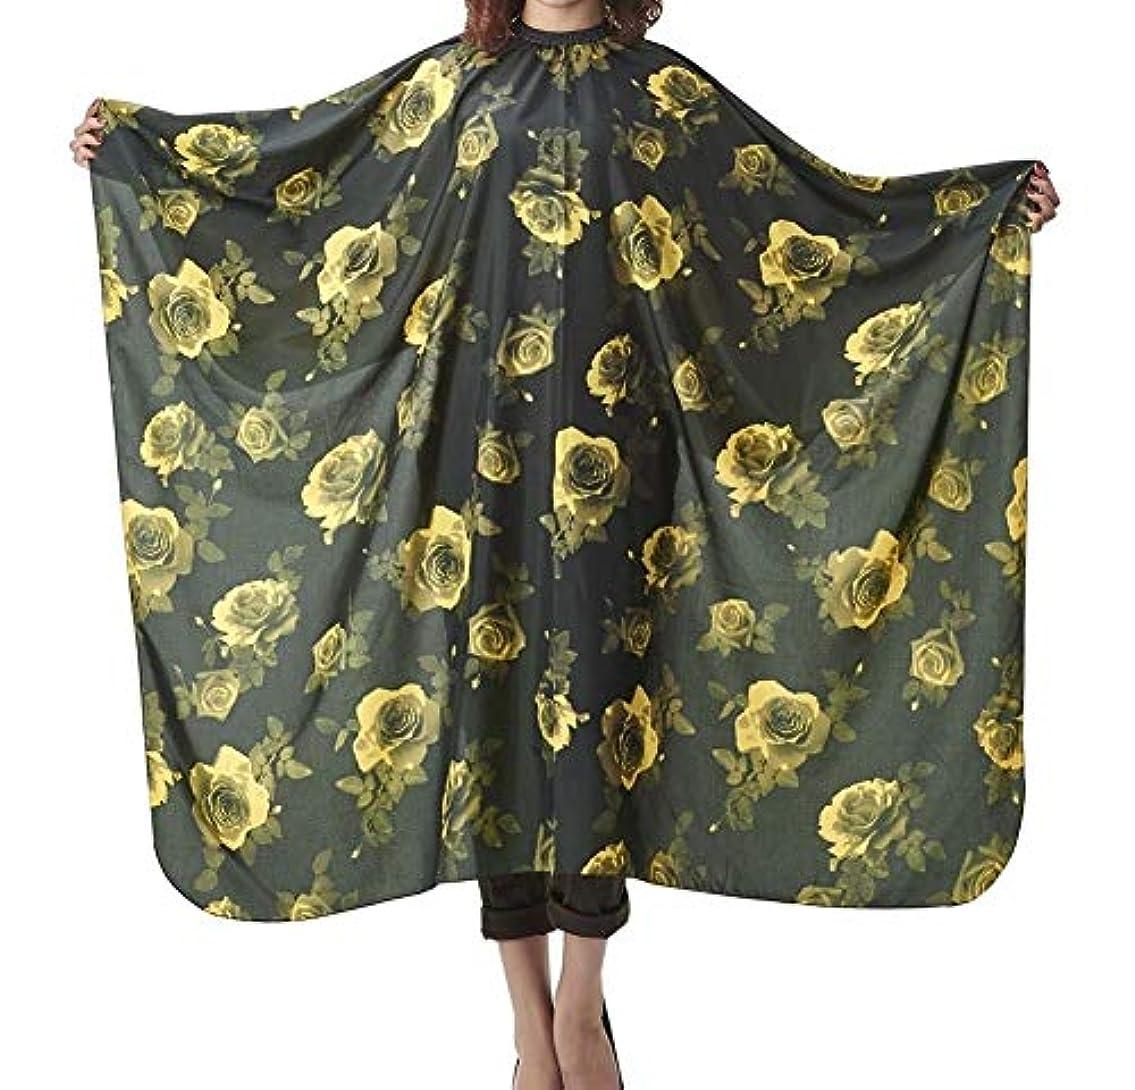 抑制合計れるHIZLJJ 美容院ケーププロフェッショナルカットヘア防水布サロン理容ガウンケープ理髪ツール (Color : Yellow)